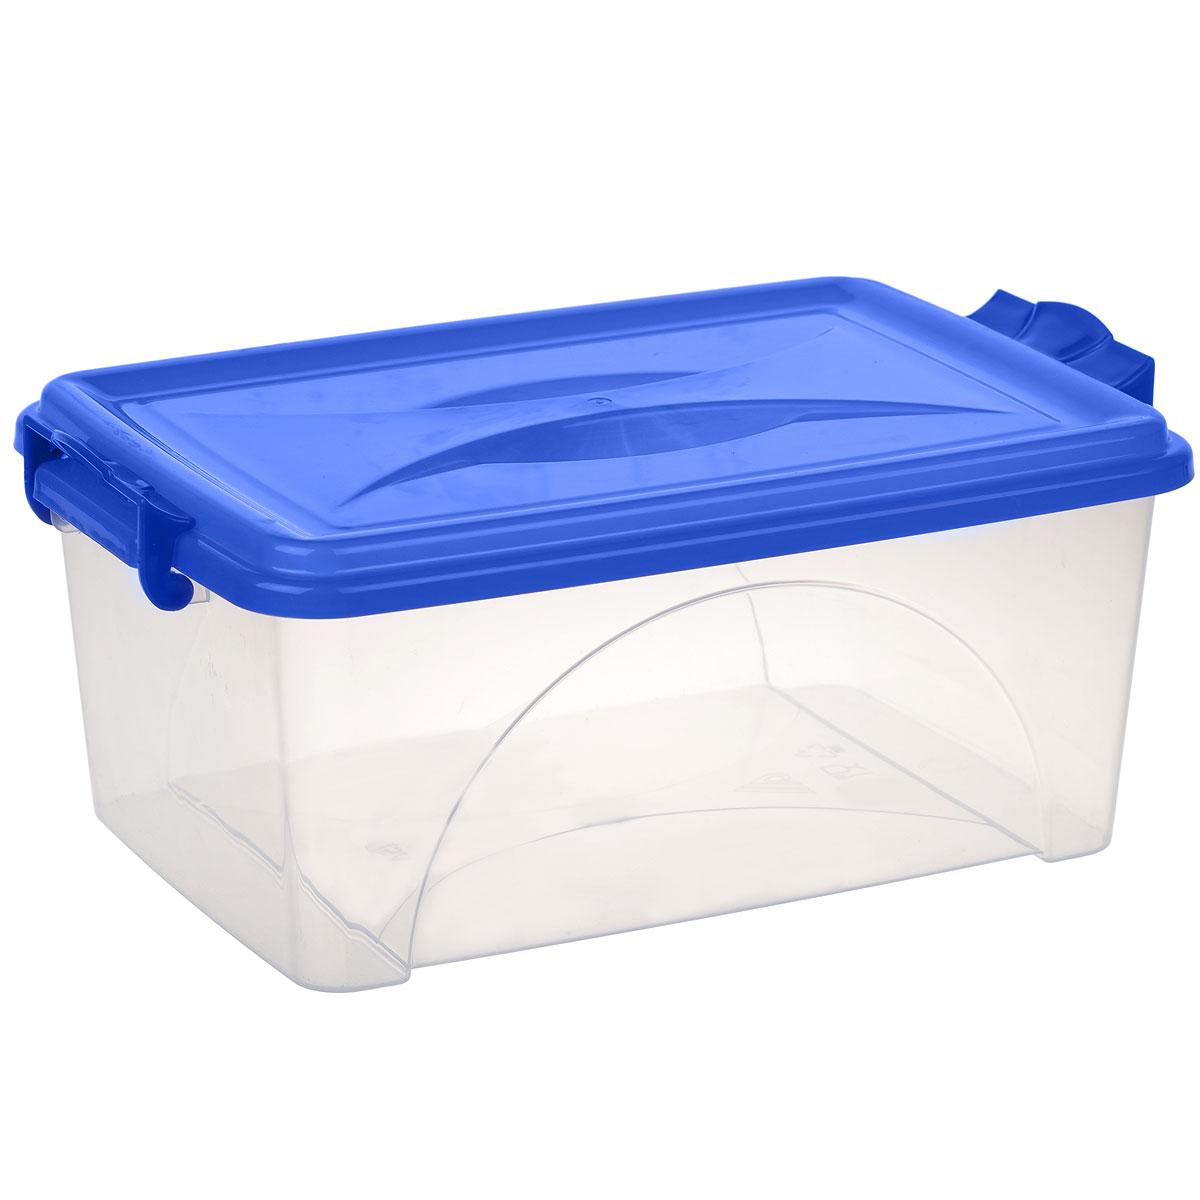 Контейнер Альтернатива, цвет: синий, 7,5 л41619Контейнер Альтернатива выполнен из прочного пластика. Он предназначен для хранения различных мелких вещей. Крышка легко открывается и плотно закрывается. Прозрачные стенки позволяют видеть содержимое. По бокам предусмотрены две удобные ручки, с помощью которых контейнер закрывается.Контейнер поможет хранить все в одном месте, а также защитить вещи от пыли, грязи и влаги.